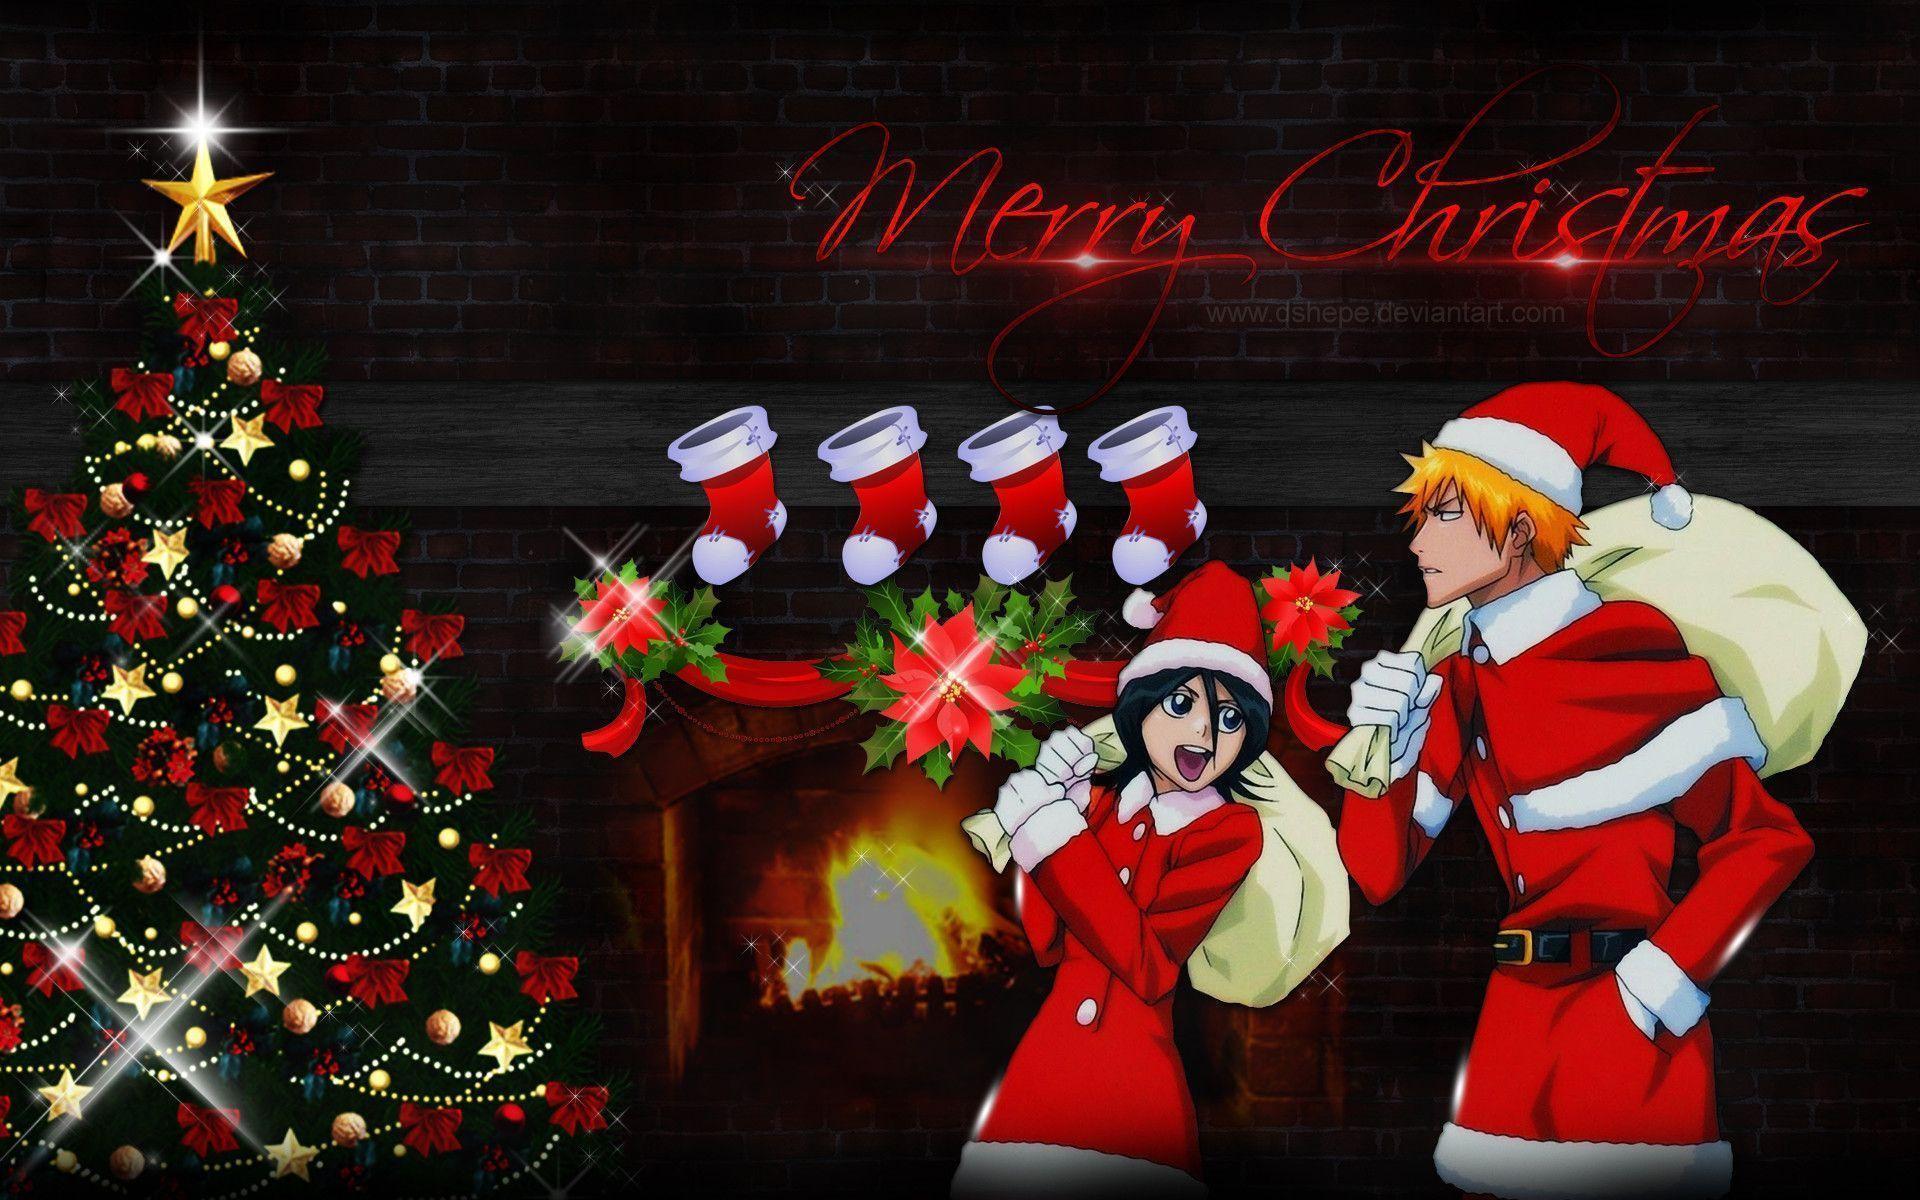 Naruto christmas wallpapers wallpaper cave - Anime merry christmas wallpaper ...